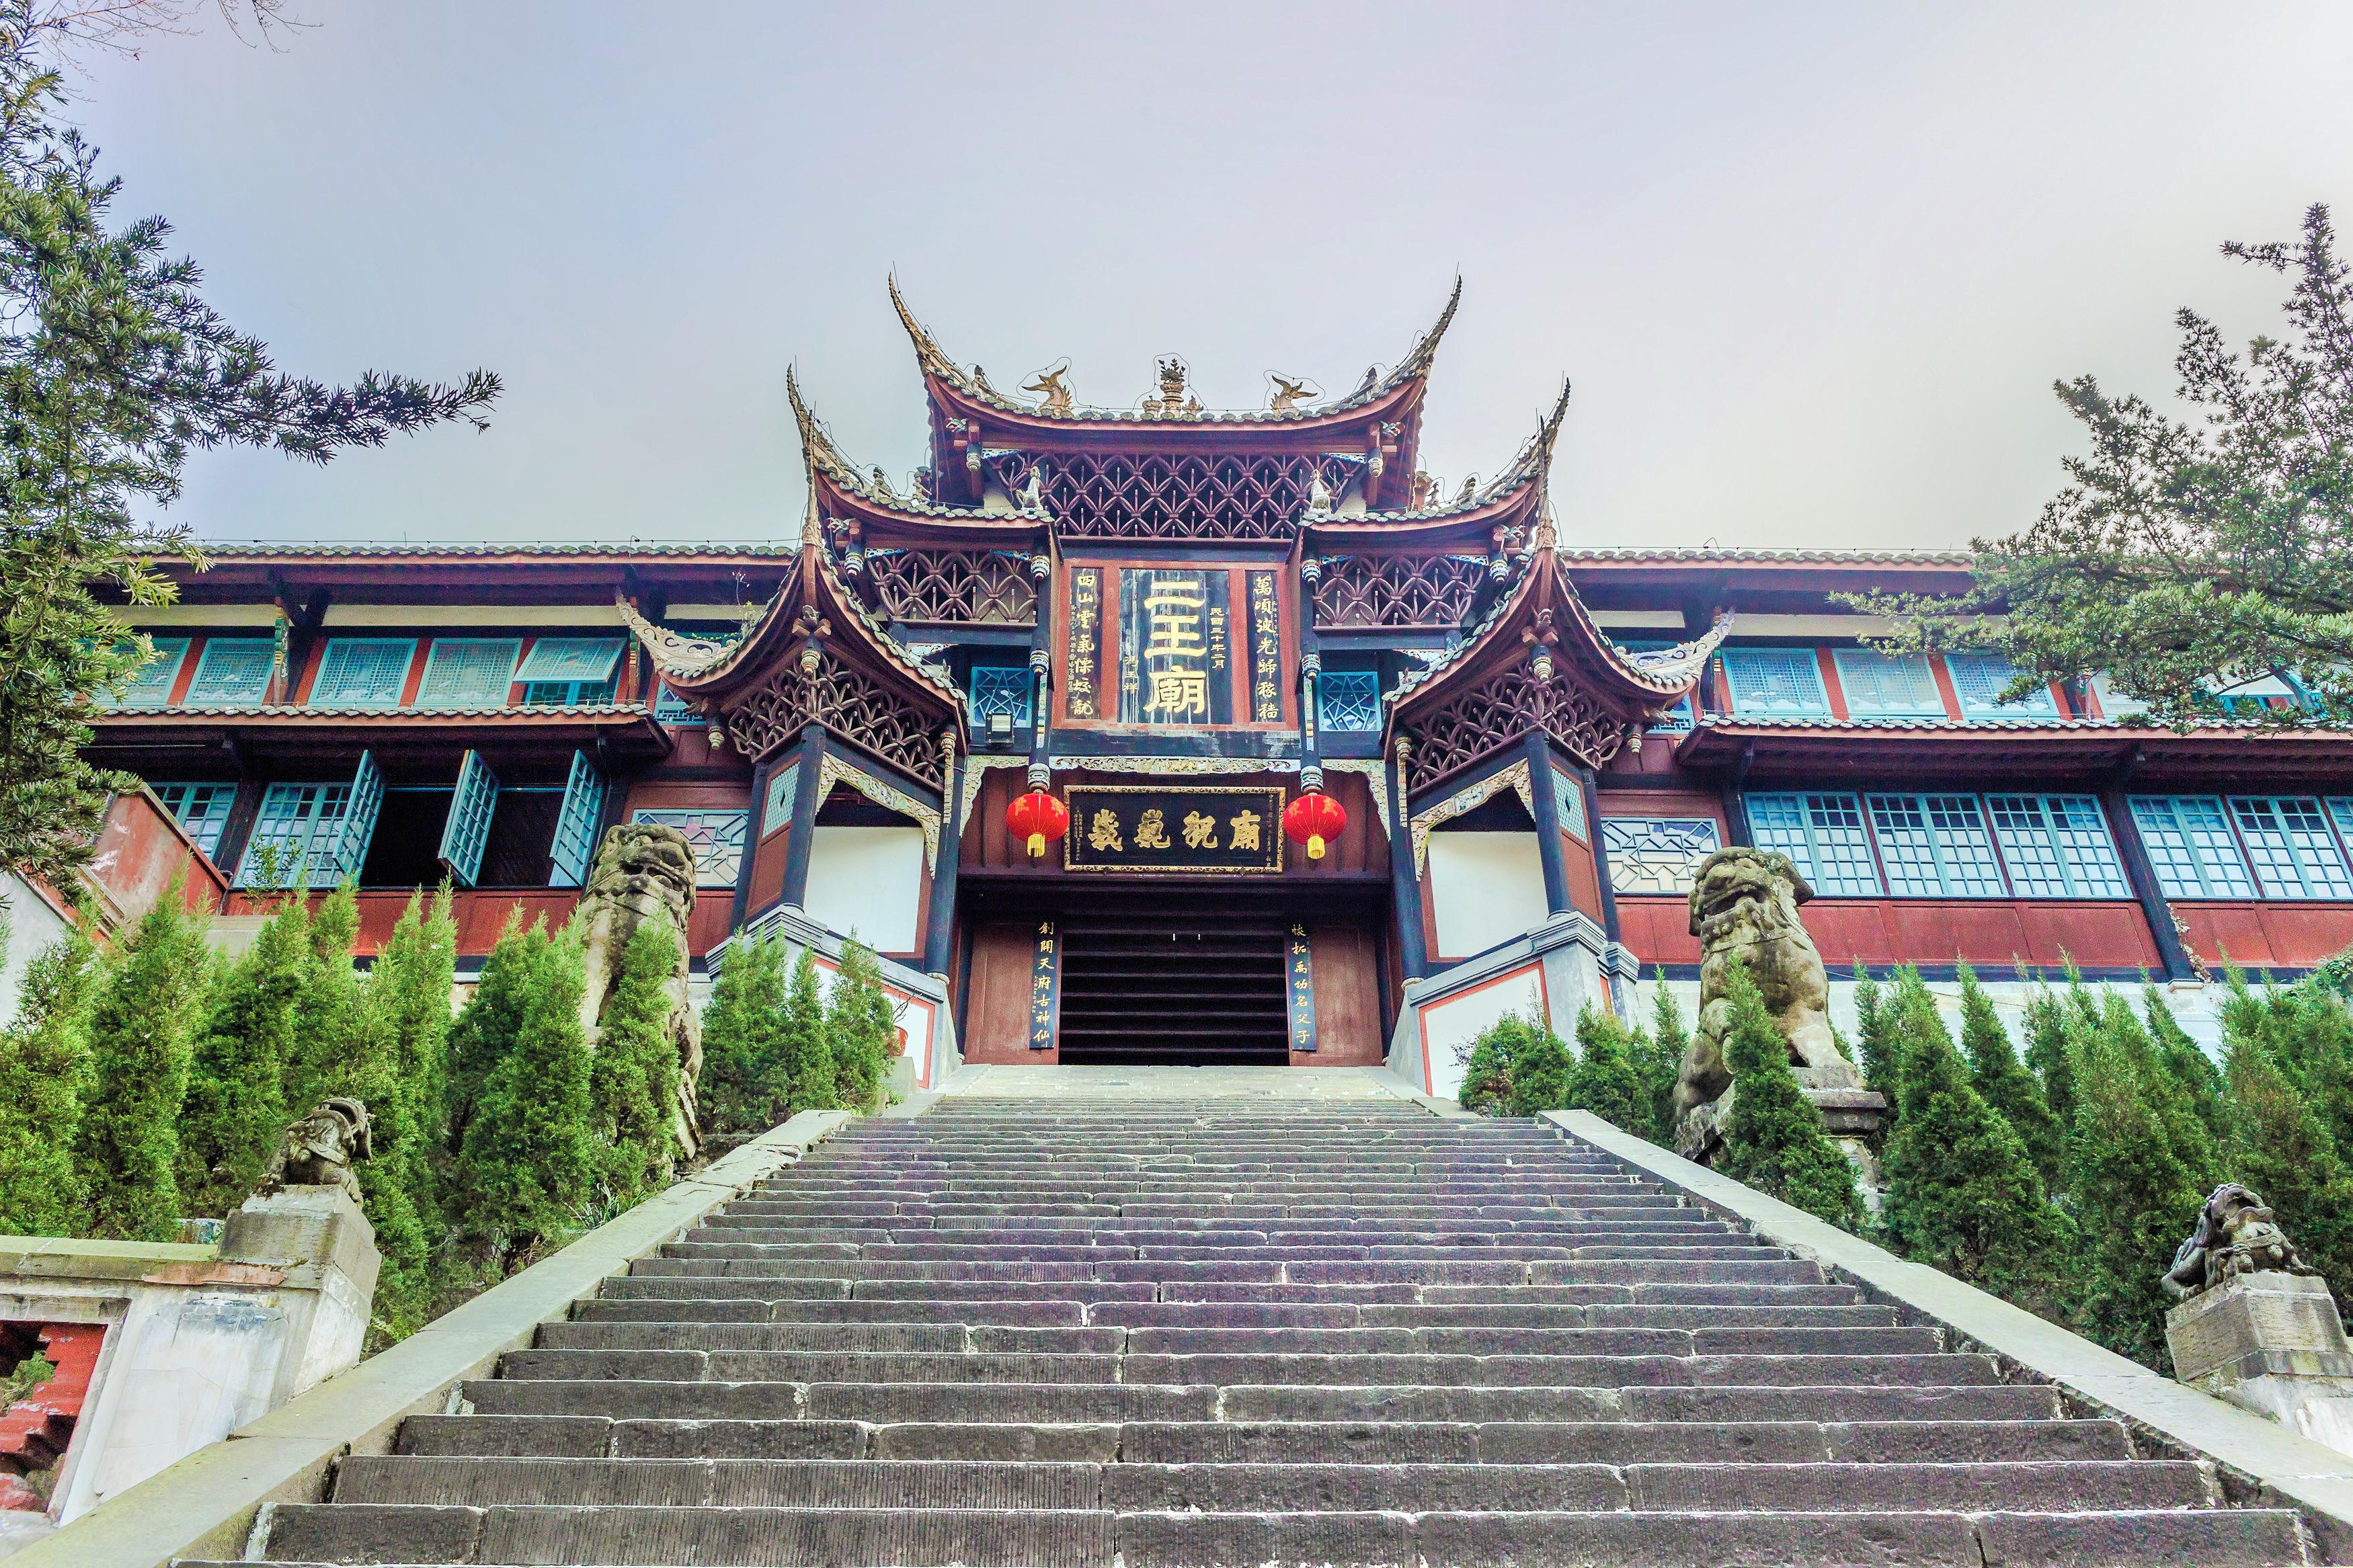 Erwang Temple